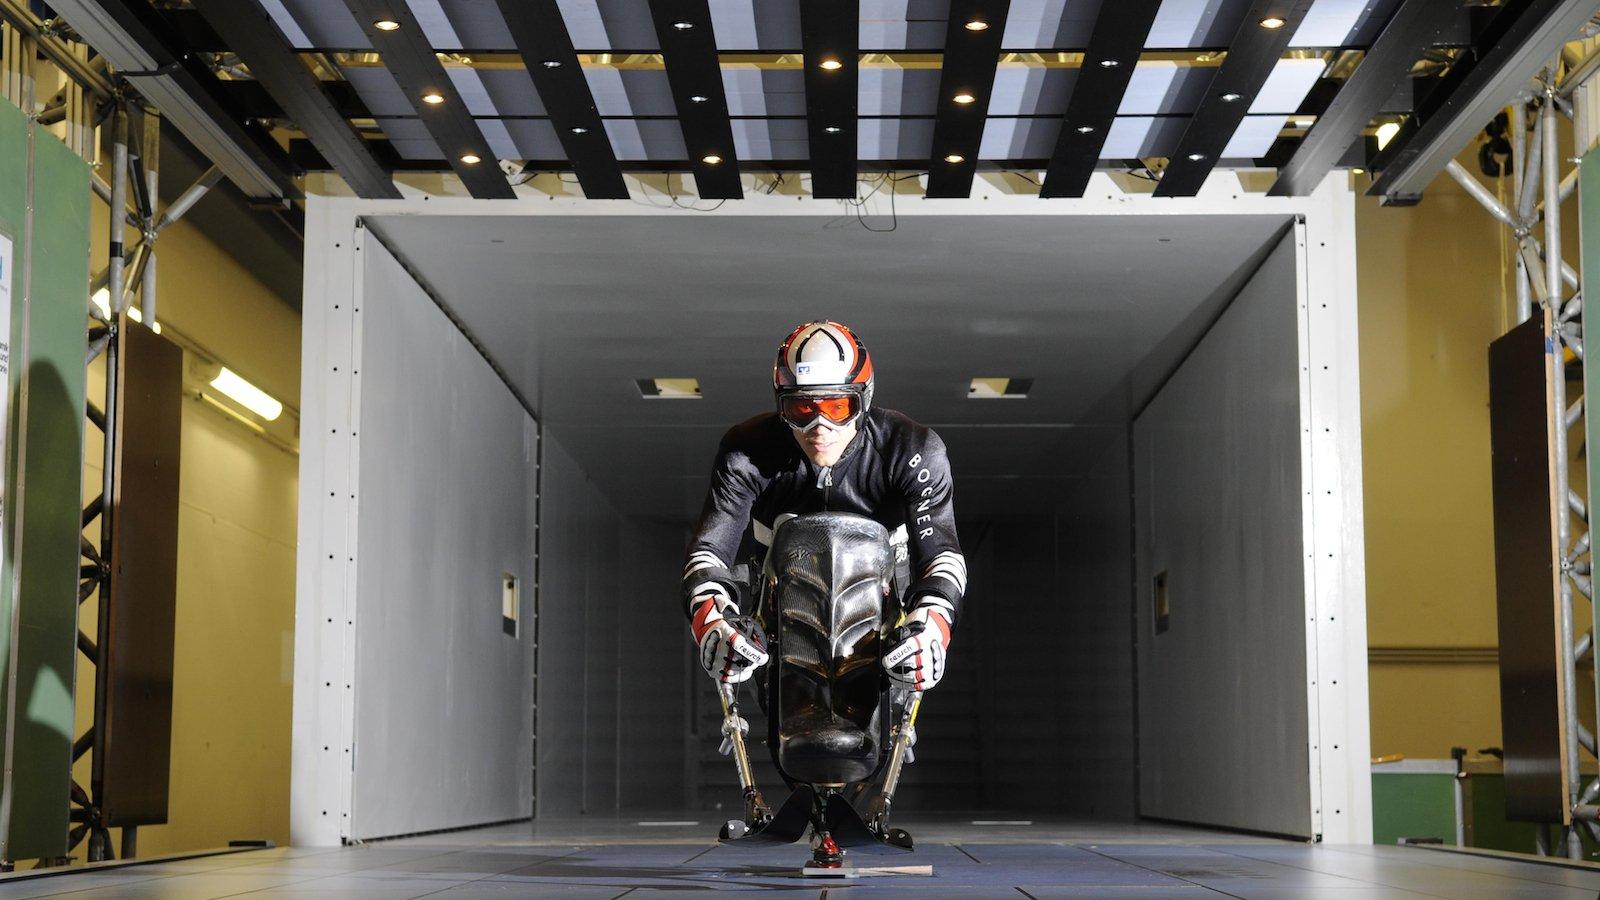 Sportler im Windkanal: Der querschnittsgelähmte Skifahrer Georg Kreiter wurde 2010 mit seinem so genannten Monoski untersucht. Forscher des DLR-Göttingen untersuchen seine optimale Haltung im Windkanal der TU Hamburg-Harburg.